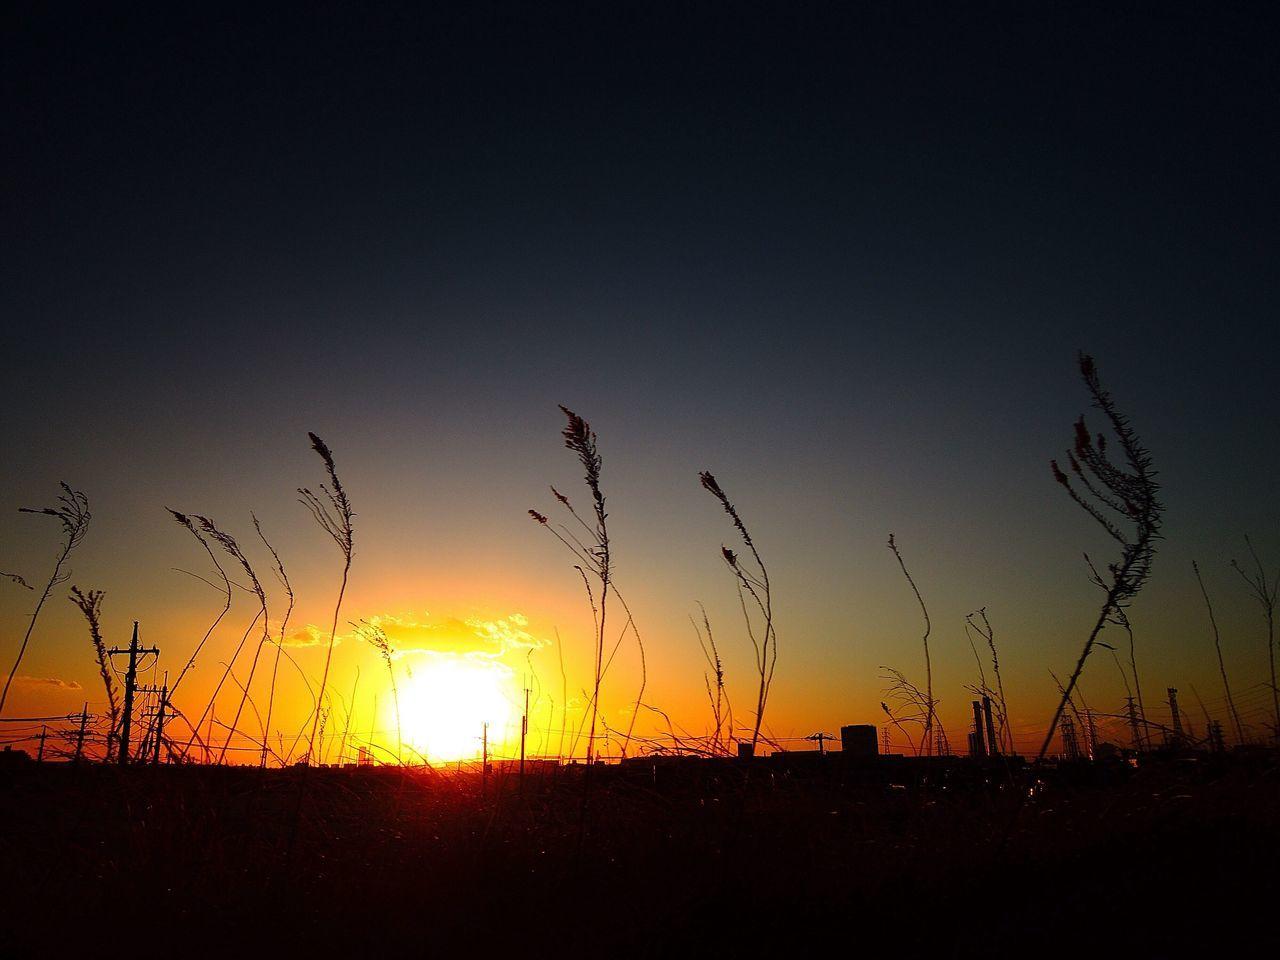 おつかれさまでした。 Sunset Afterglow 夕暮れ時 Twilight おつかれさま NikonP330